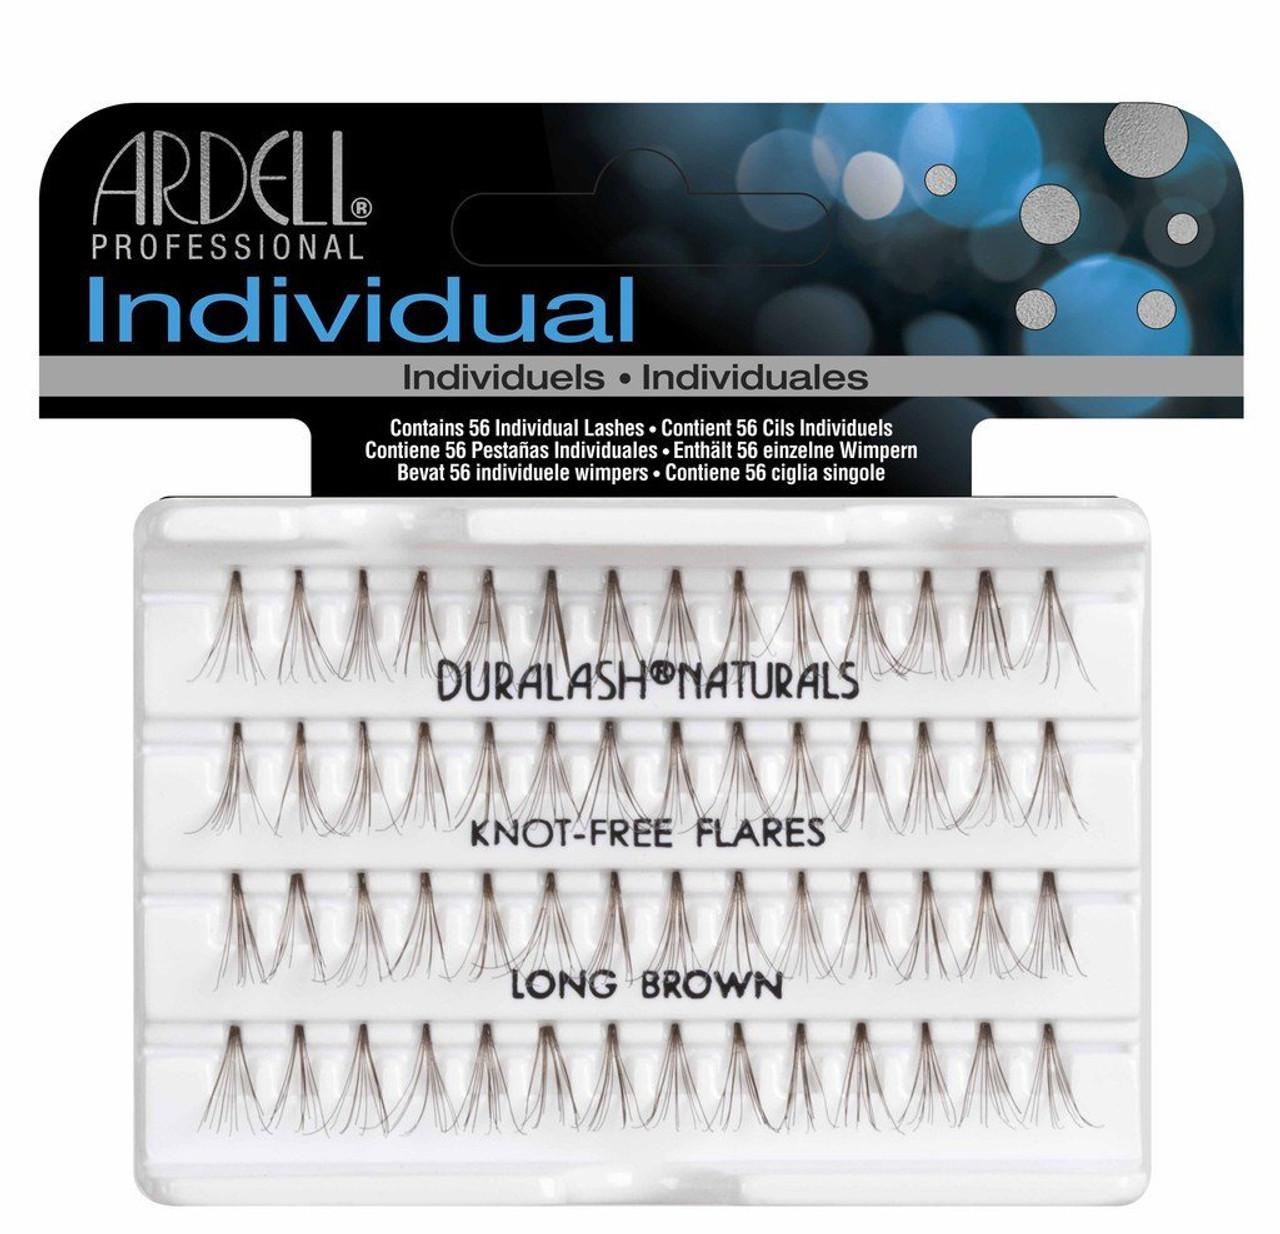 8138cb8da19 Ardell Duralash Naturals - Knot Free Flares - Long Brown (#65055) -  Princess Nail Supply